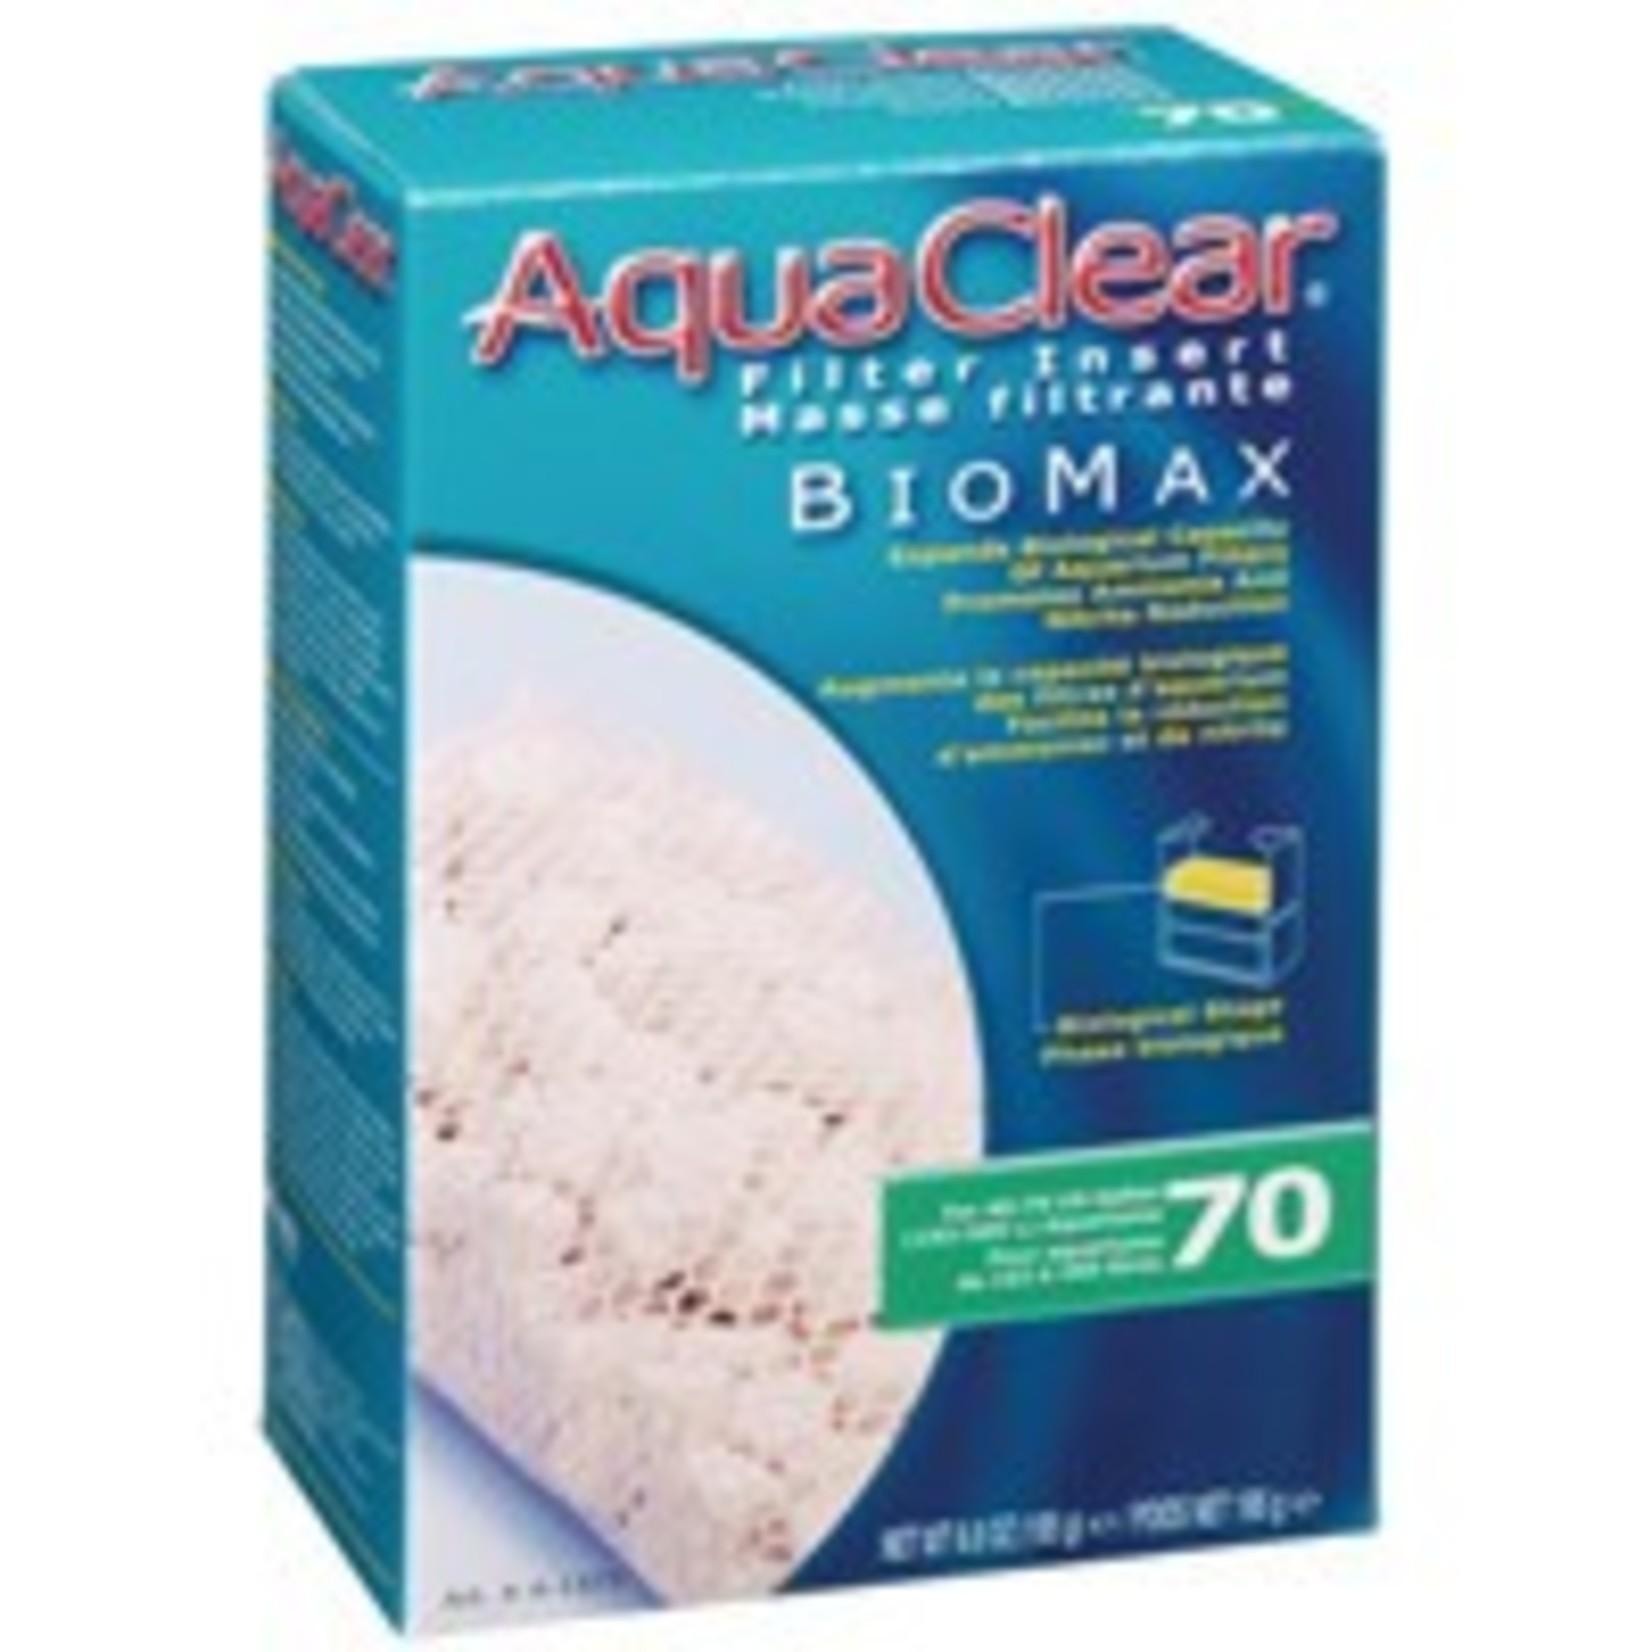 AquaClear 70 Bio-Max Insert, 195 g (6.8 oz)